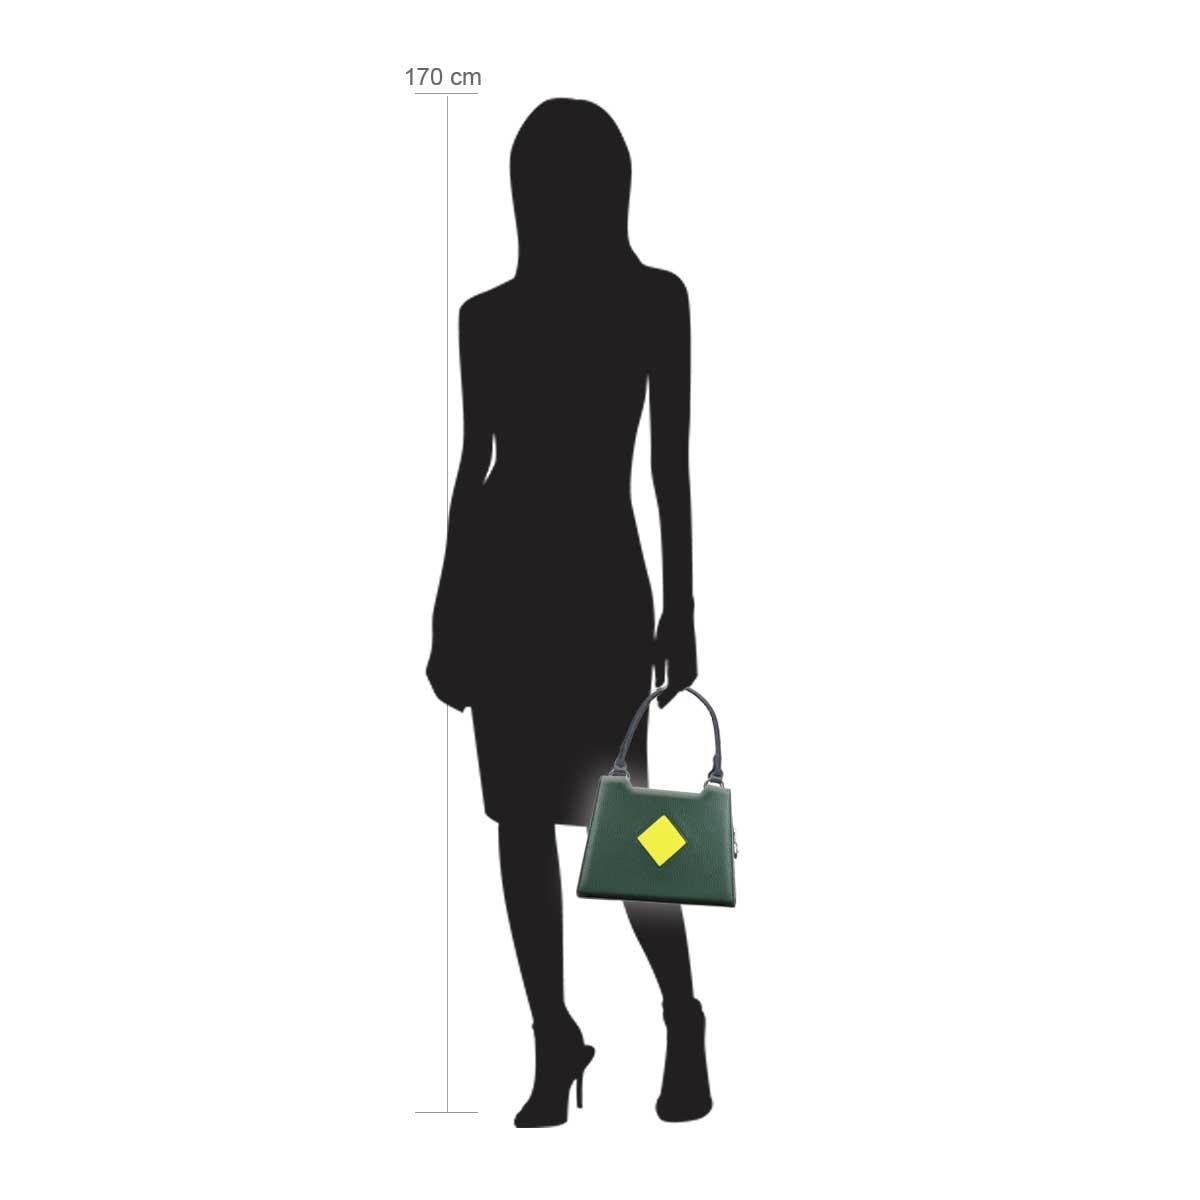 Modellpuppe 170 cm groß zeigt die Handtaschengröße an der Person Modell:Dublin Grün